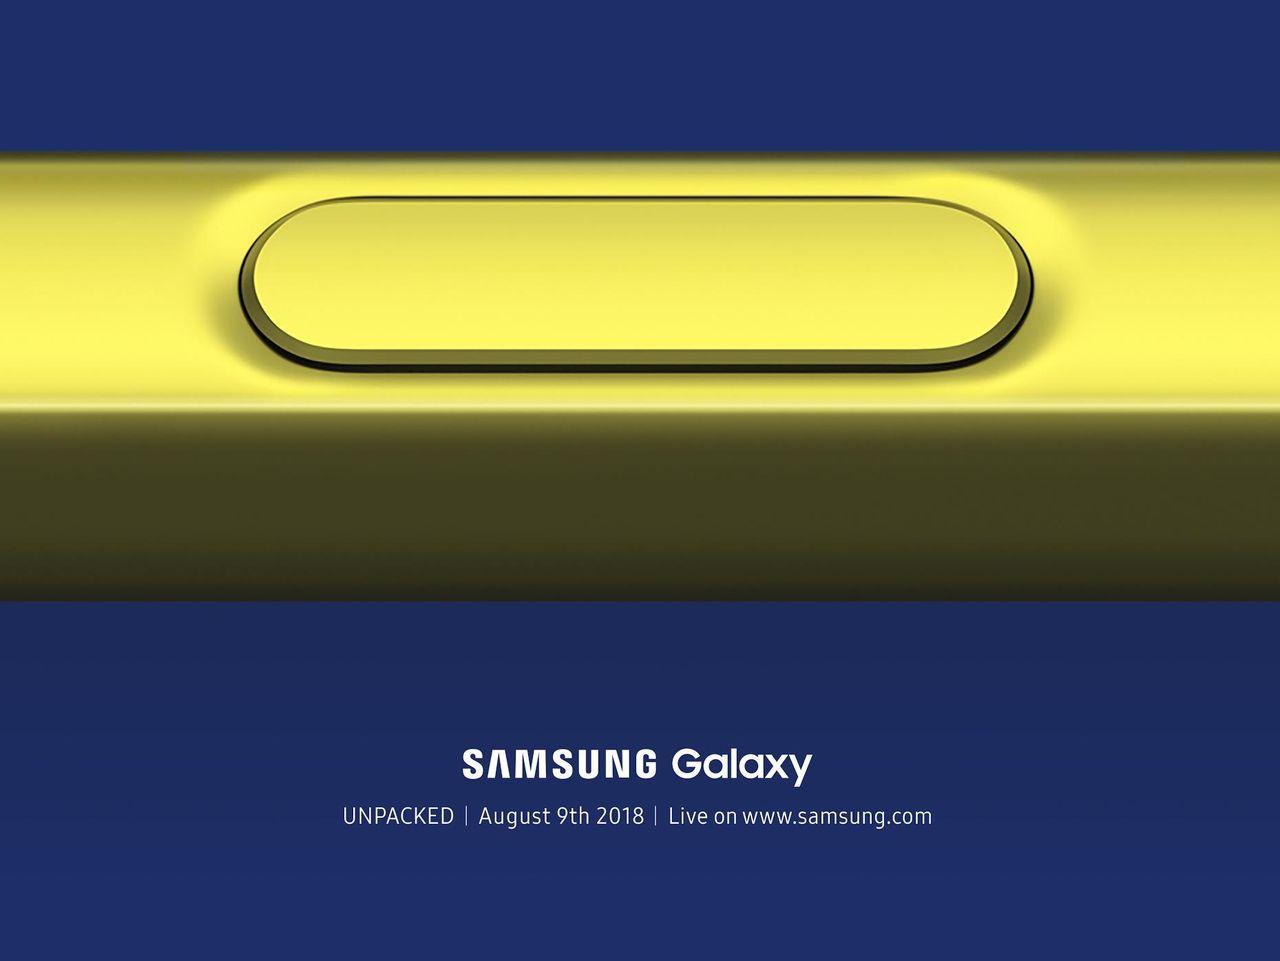 Samsung håller låda 9 augusti